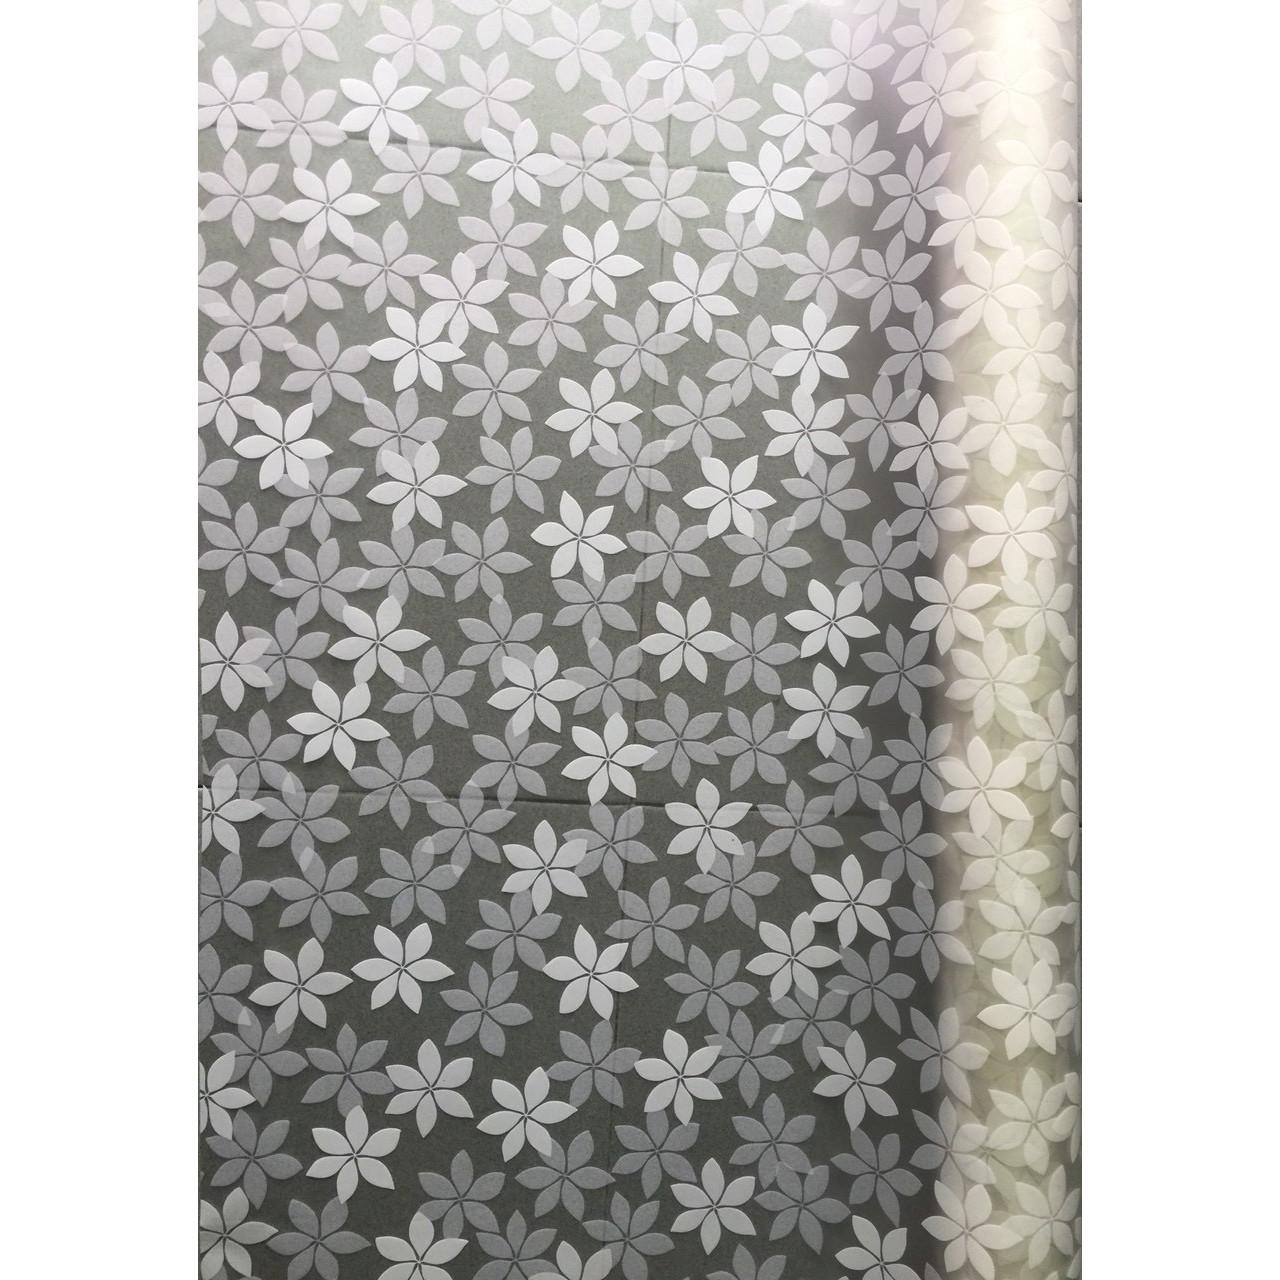 Decal dán kính mờ hoa 6 cánh trắng - có keo sẵn khổ rộng 0,9m dài 3m